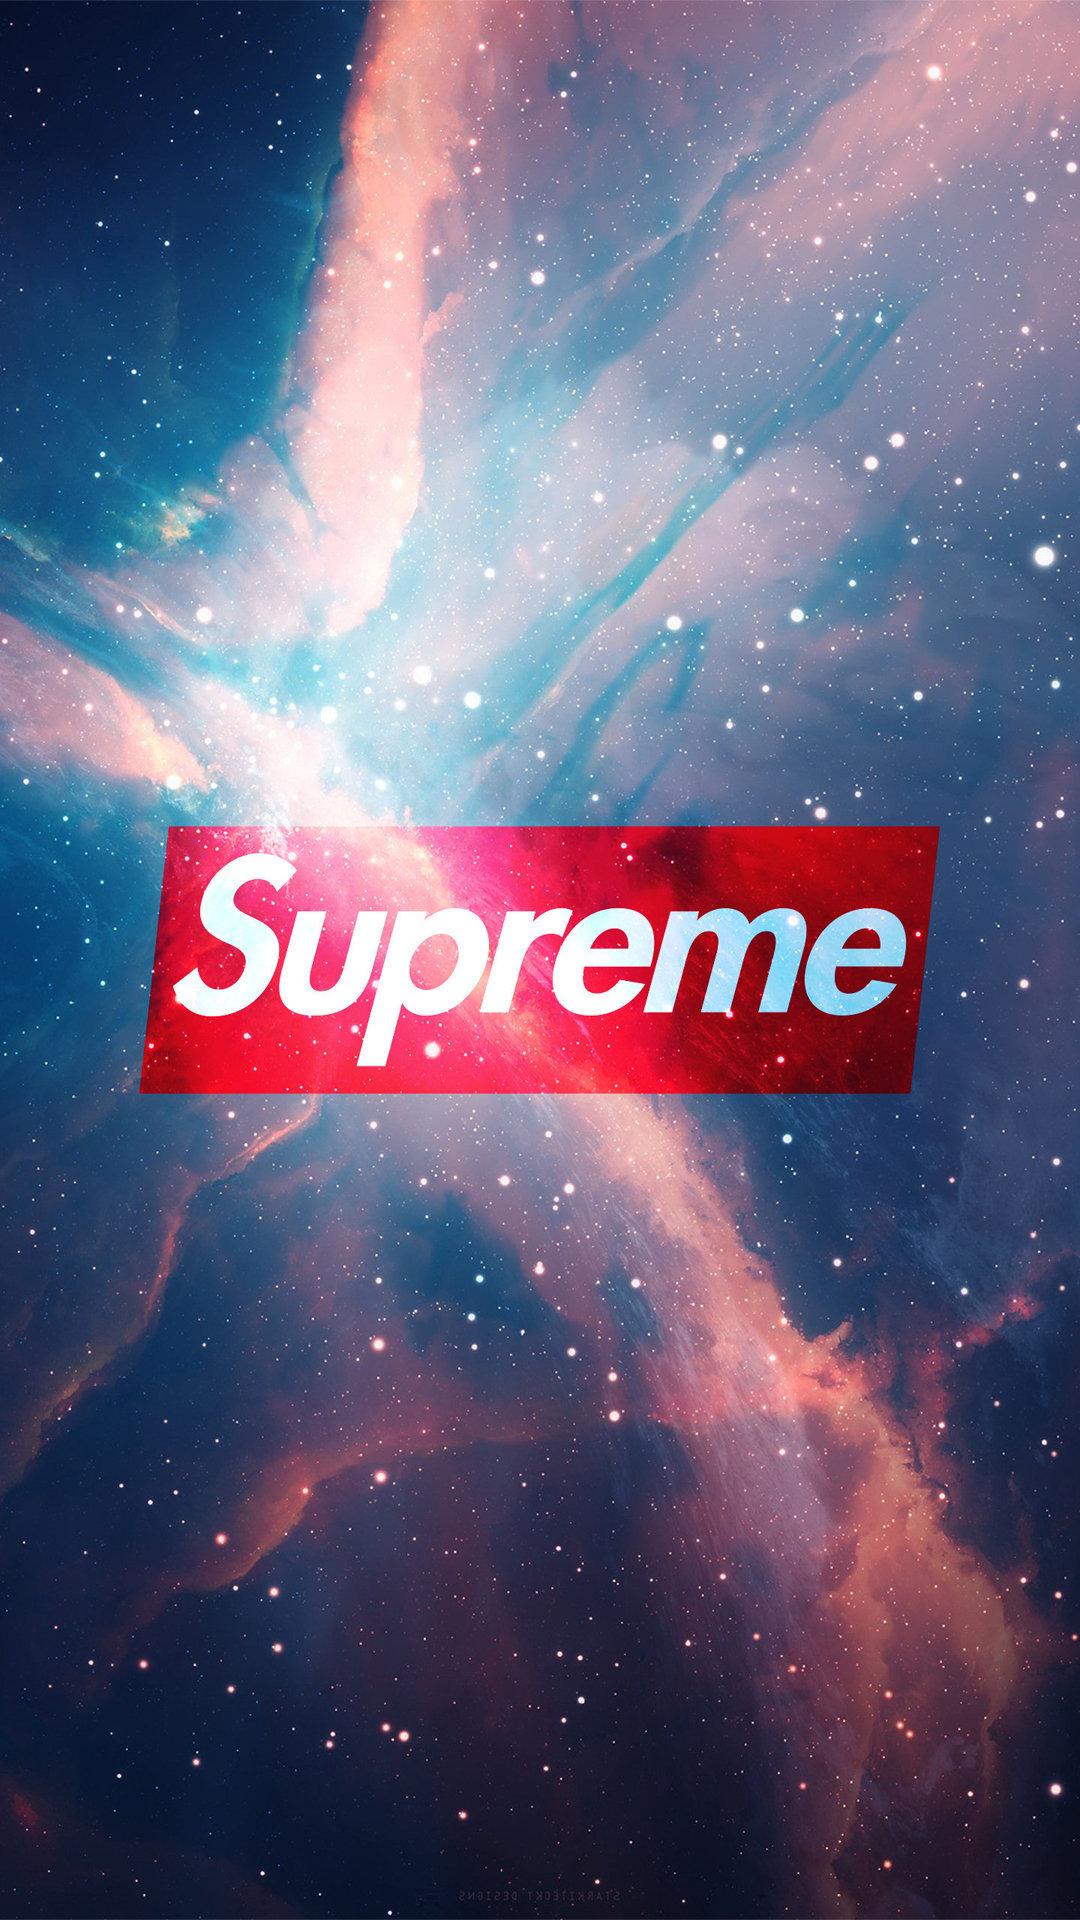 Supreme Universe Wallpaper Authenticsupreme Com